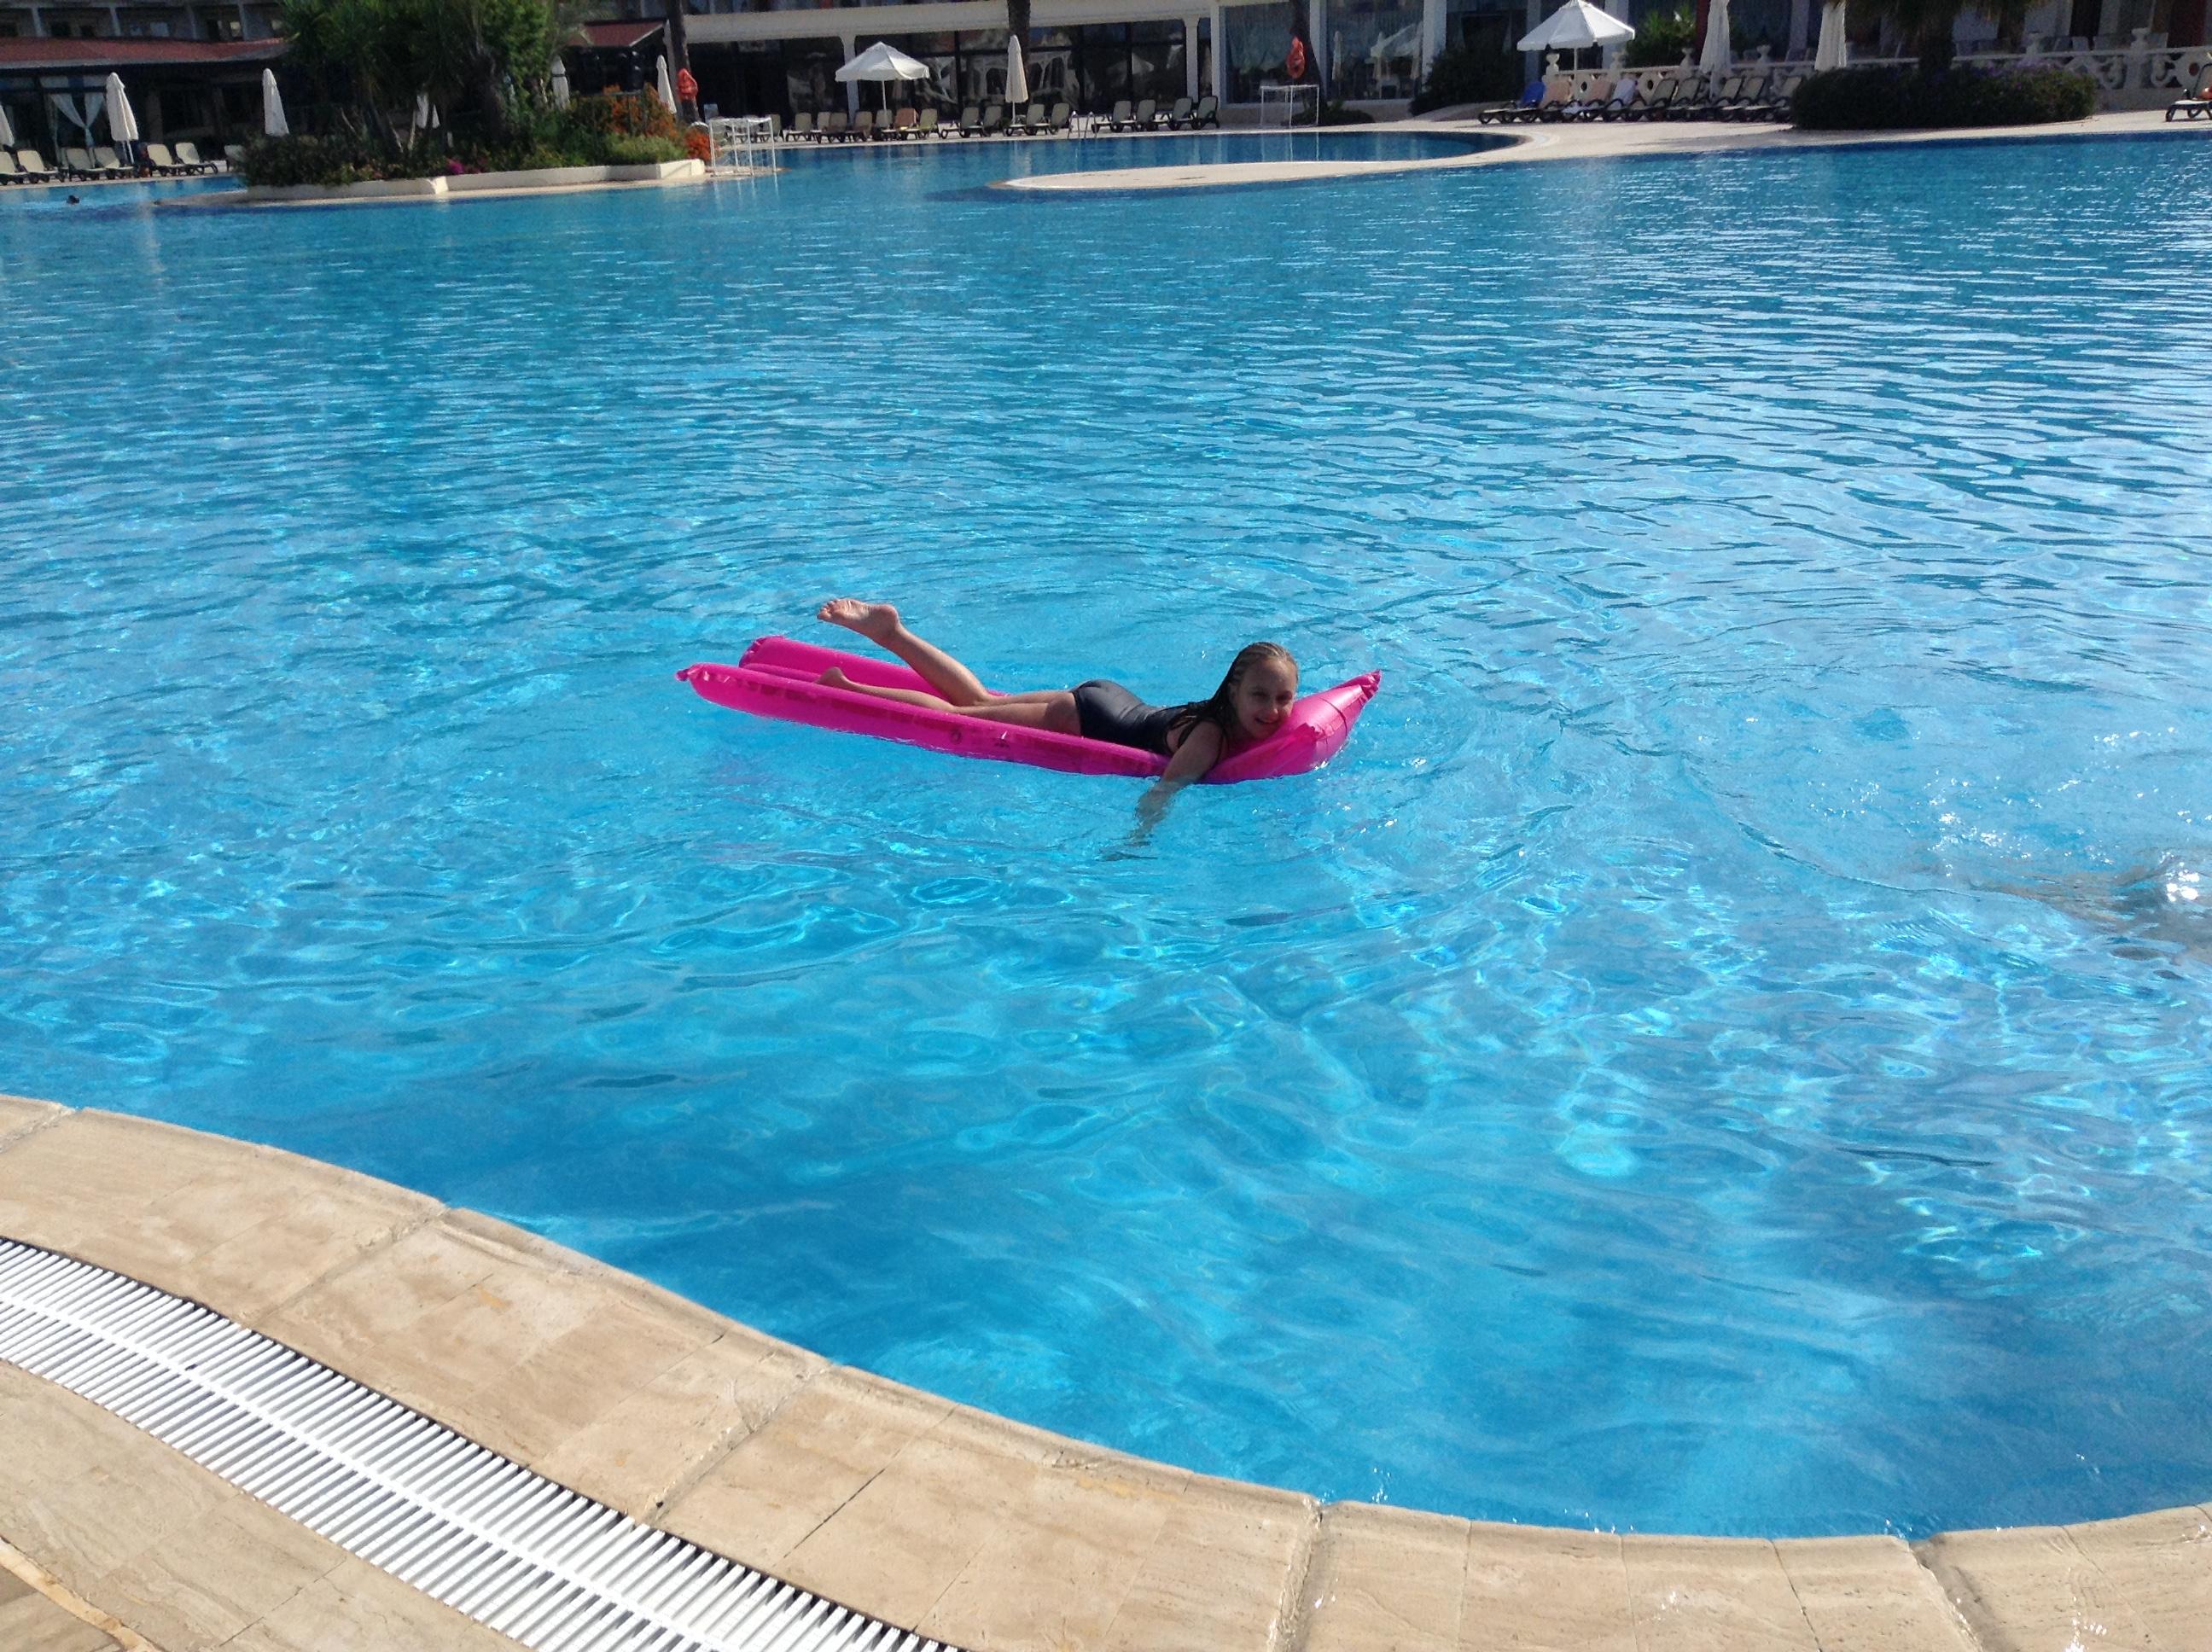 вот оно лето,начинается с бассейна и отдыха . Привет из отпуска!